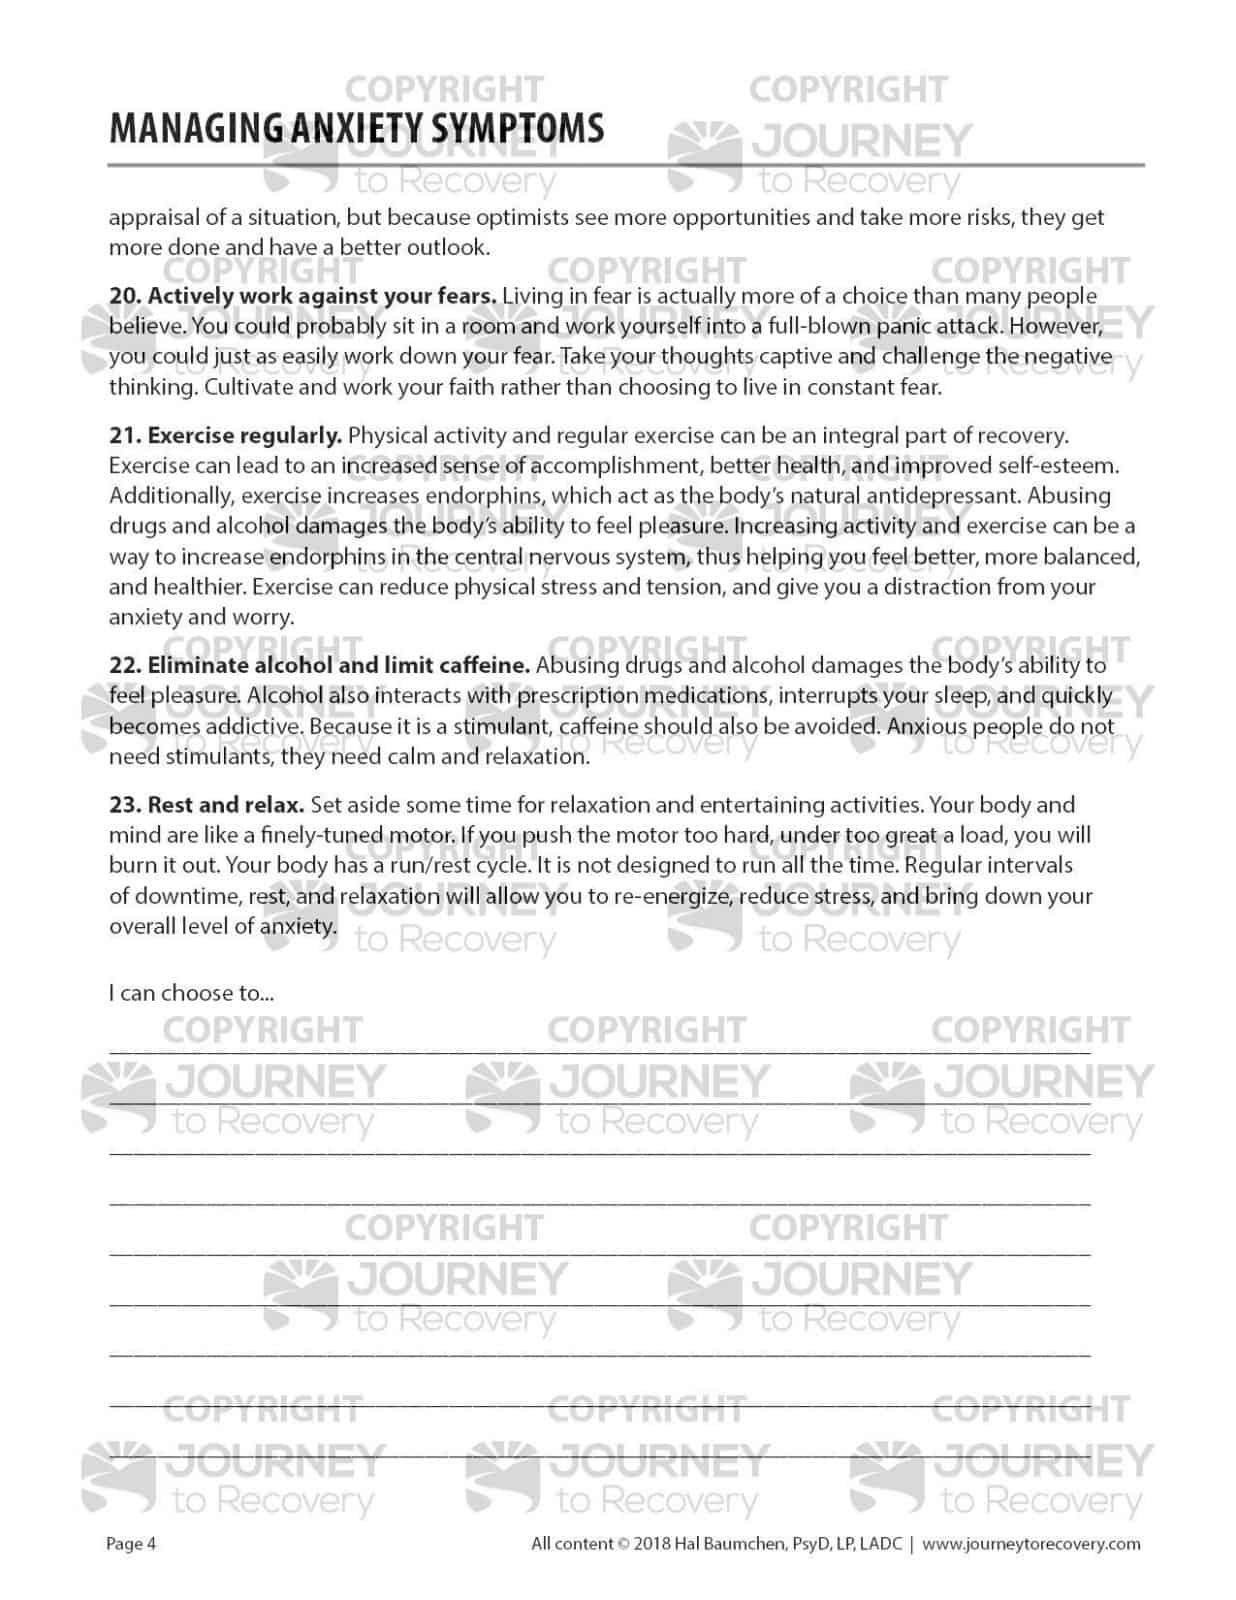 Managing Anxiety Symptoms Cod Worksheet